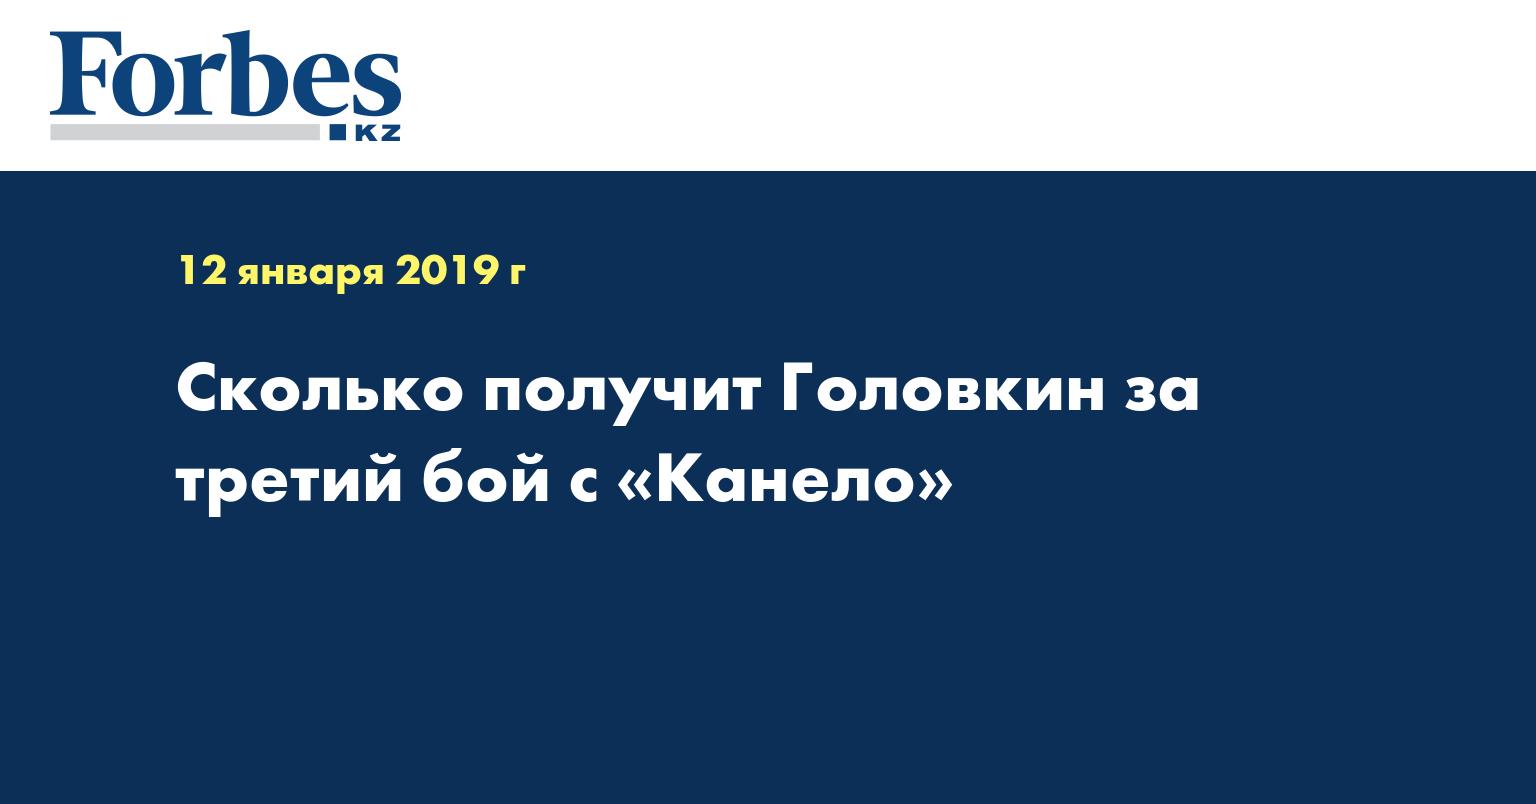 Сколько получит Головкин за третий бой с «Канело»